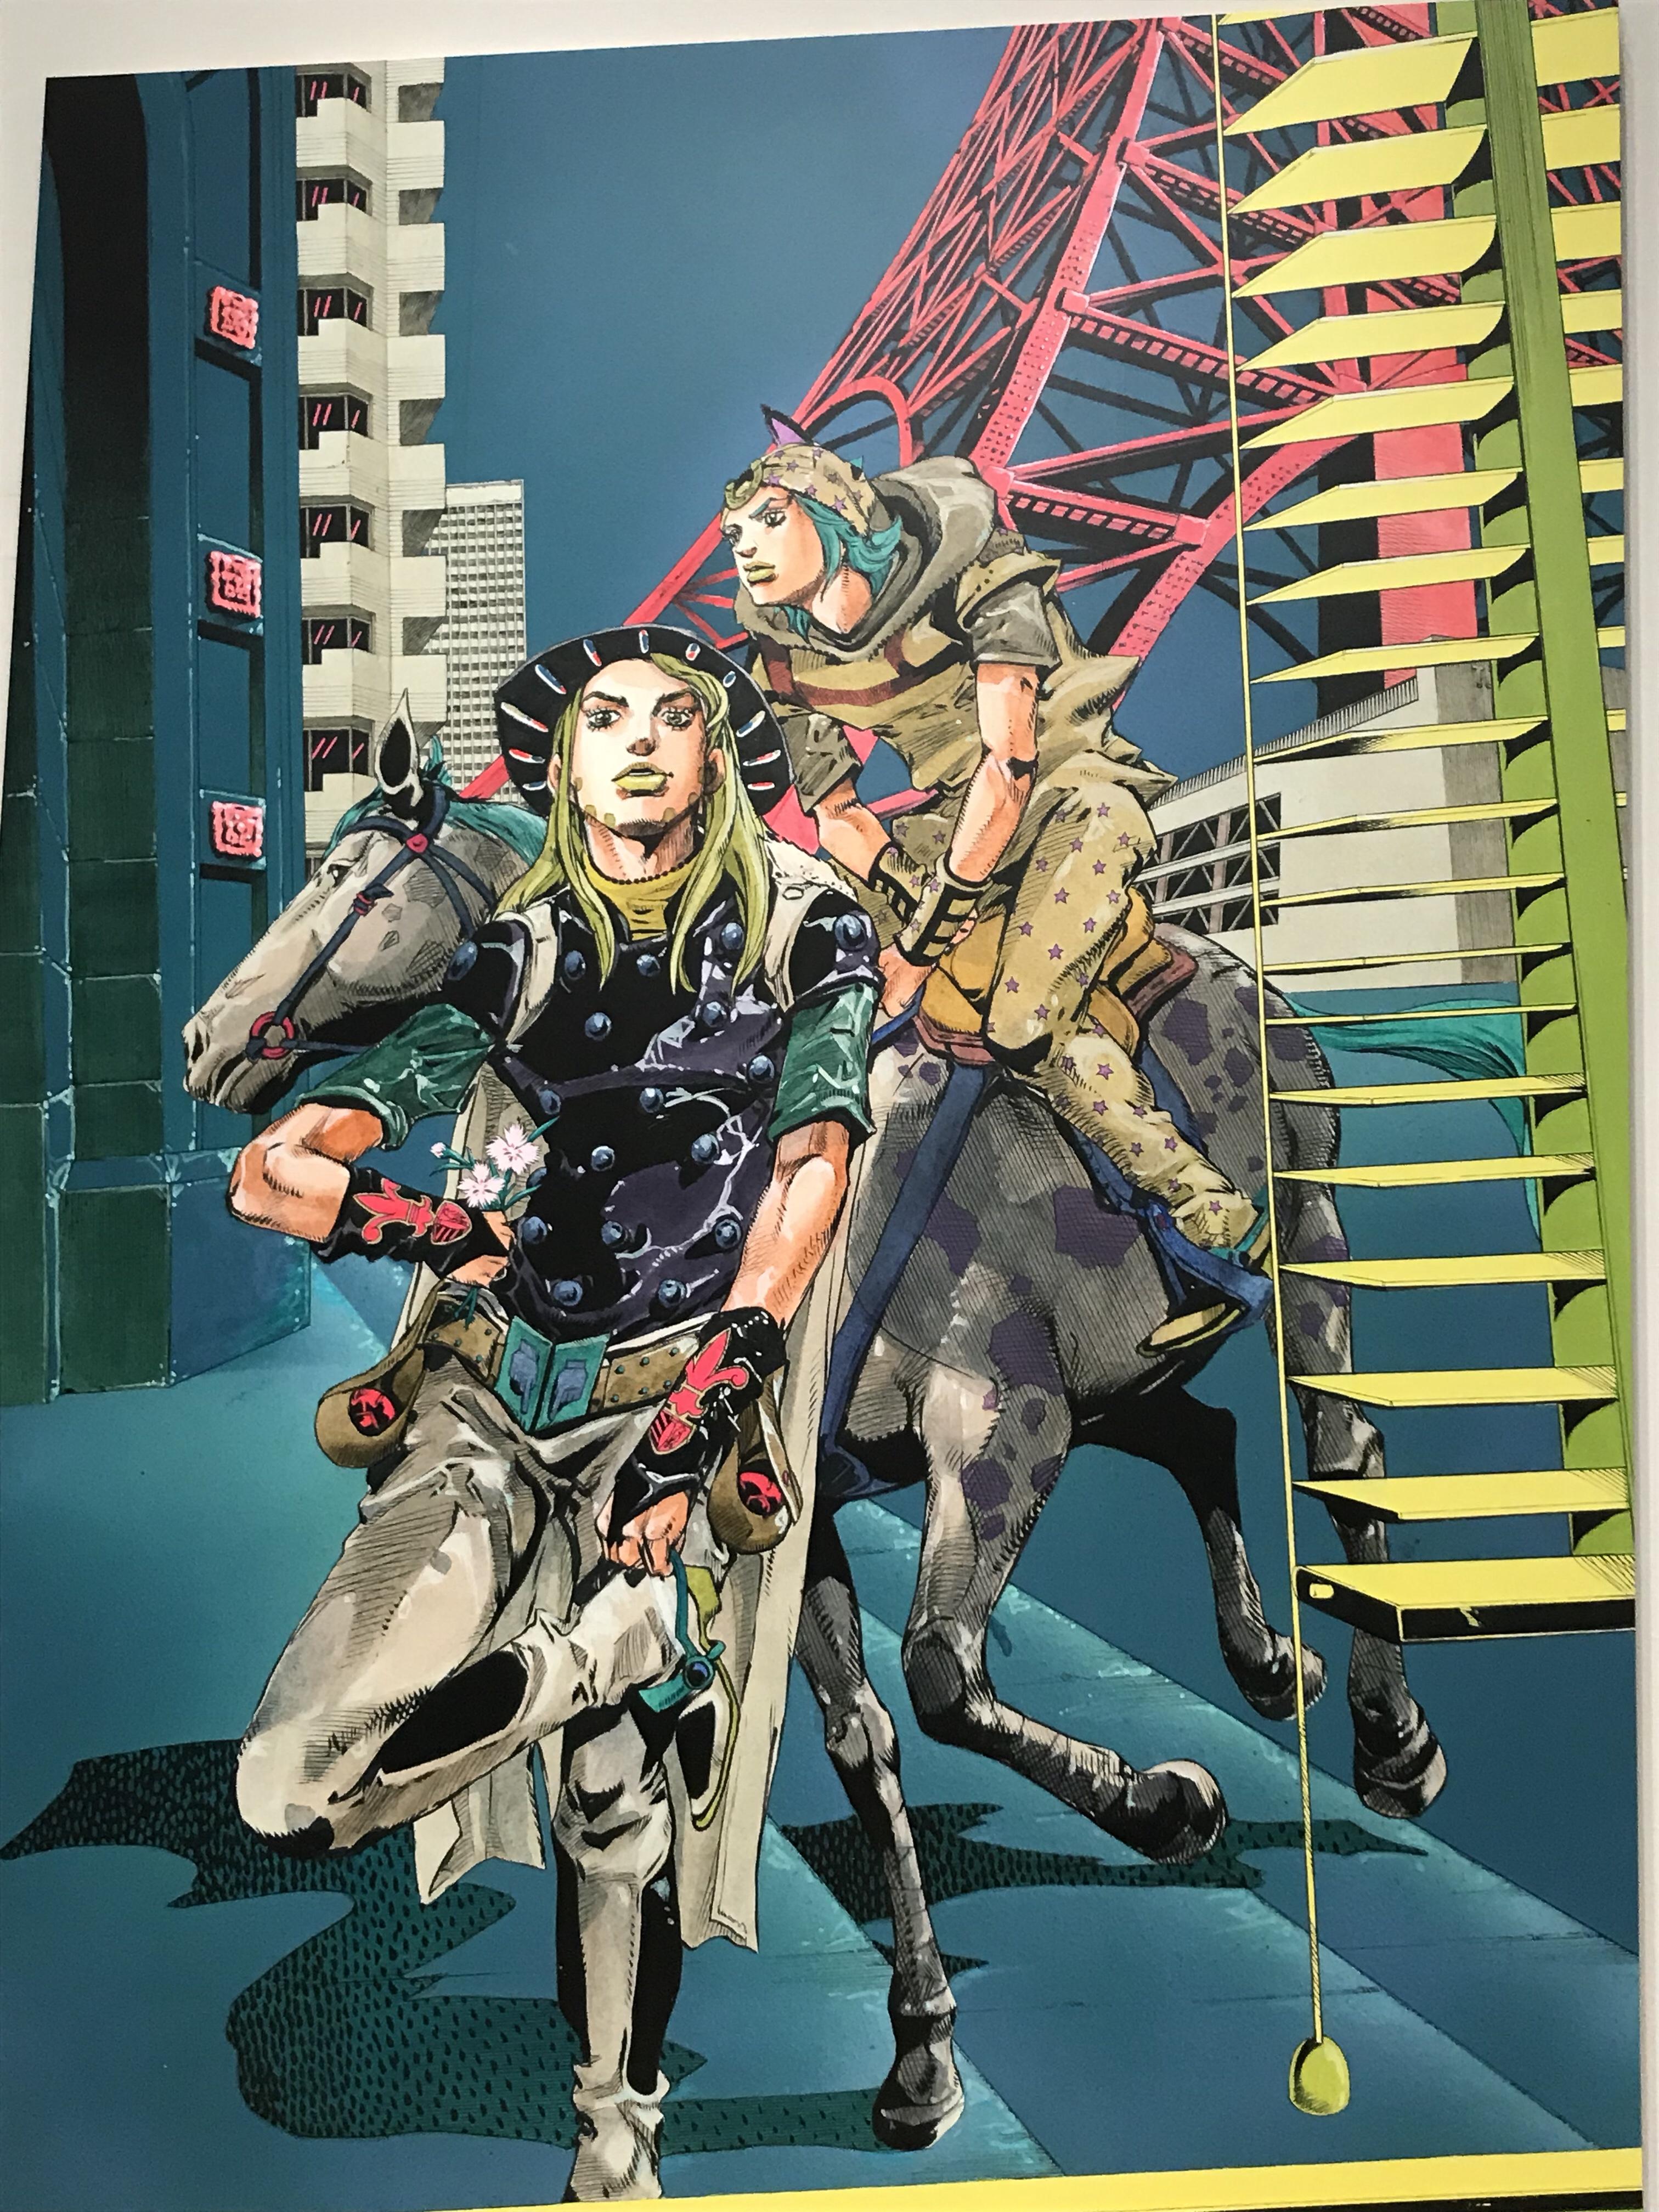 【2019-2020】荒木飛呂彦原画展 ジョジョの奇妙な冒険 長崎、金沢でも開催!感想 口コミ 過去公演ネタバレあり@長崎美術館